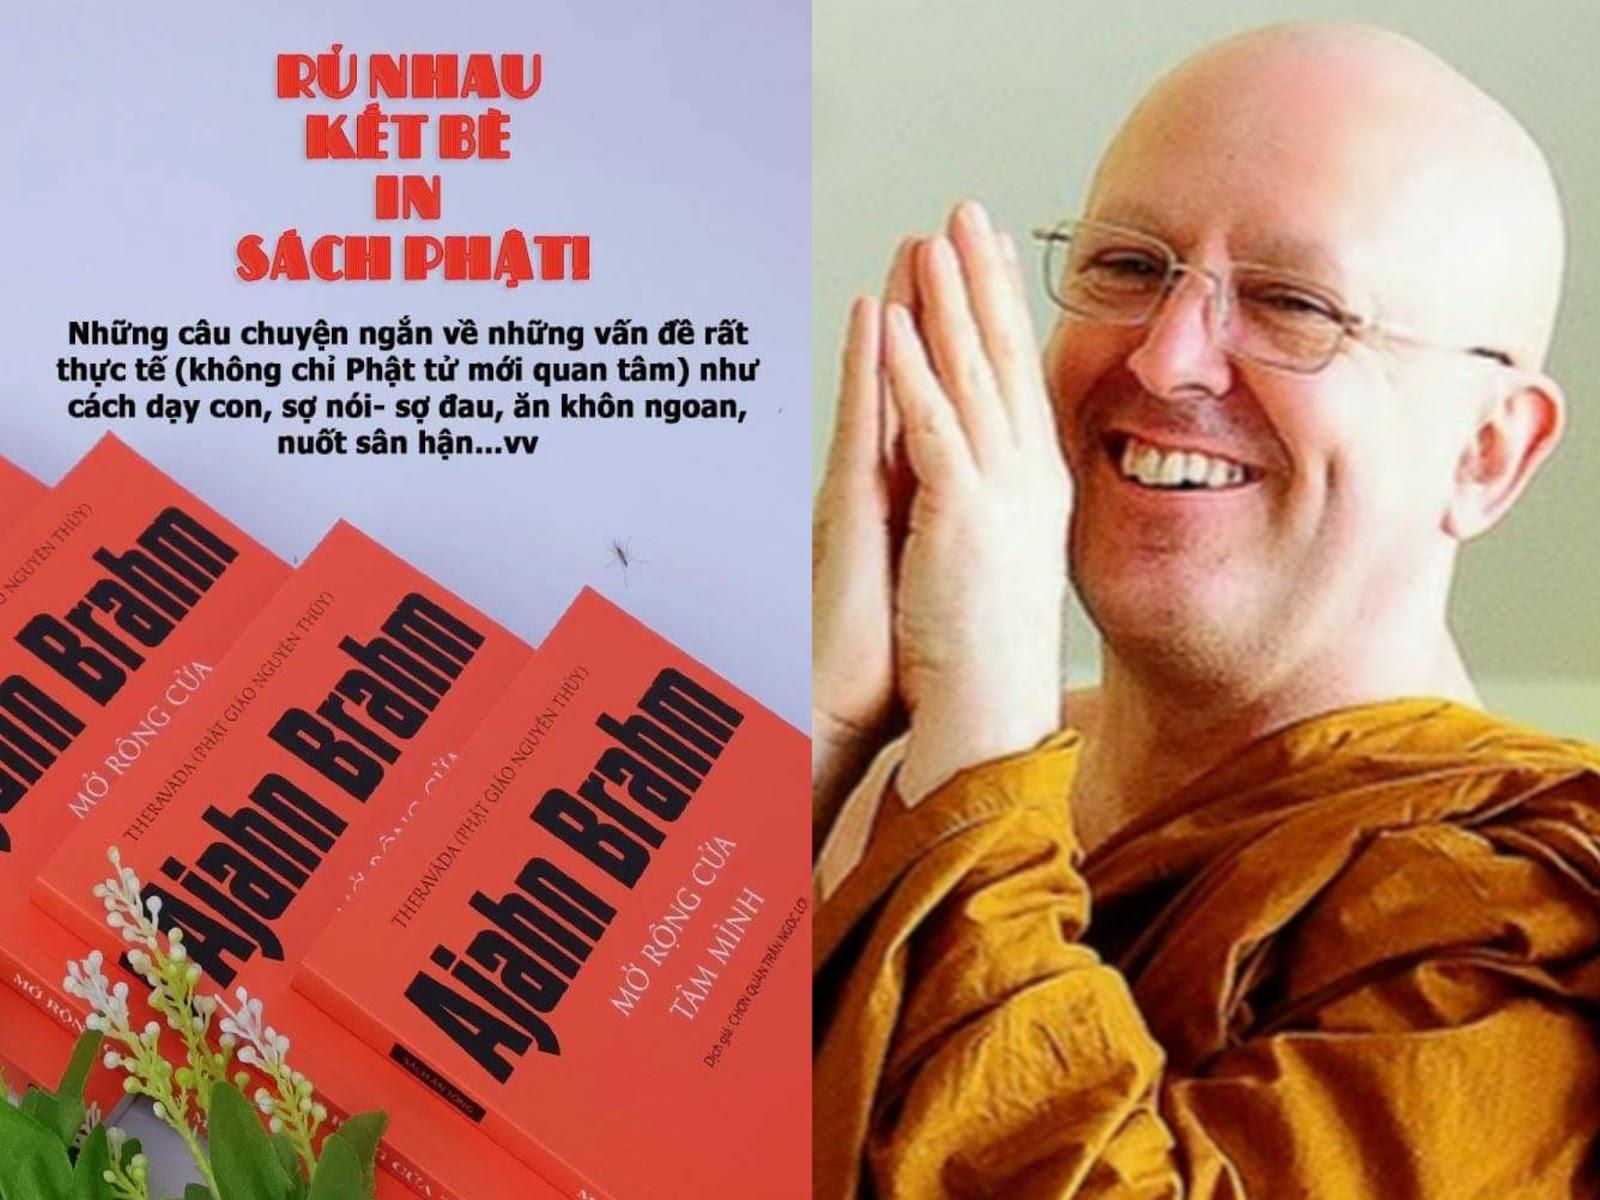 HÙN PHƯỚC - THỈNH SÁCH: Mở rộng cửa Tâm mình của Ngài Ajahn Brahm